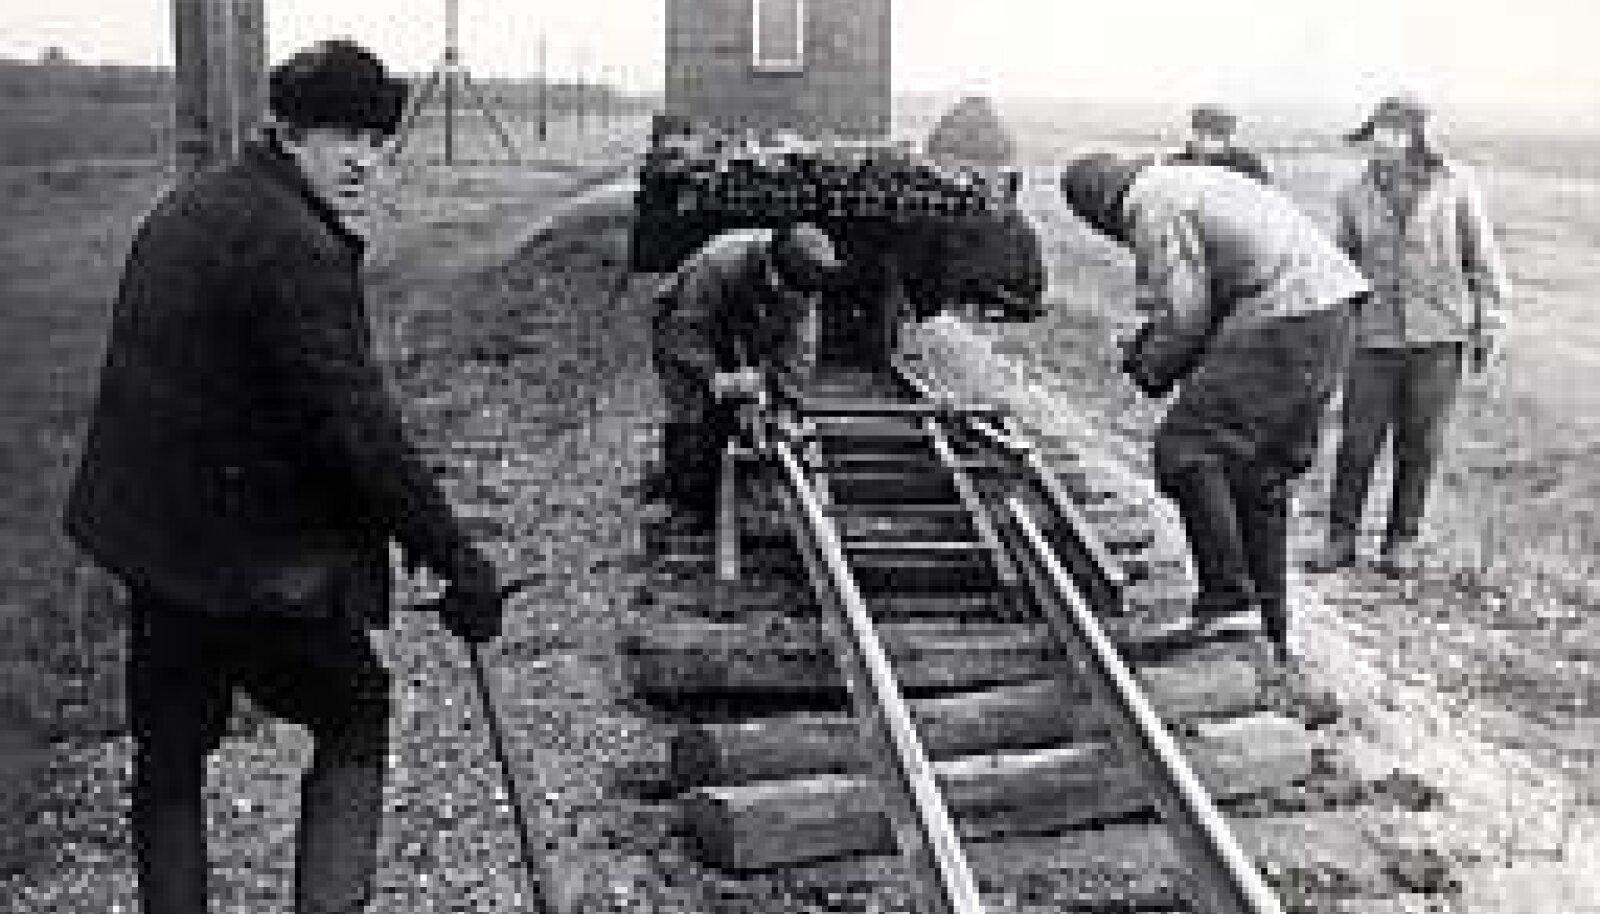 LÕPP: Virtsu raudtee lammutamine Lihula lähedal 1960. aastate lõpul. Eesti Muuseumraudtee kogu